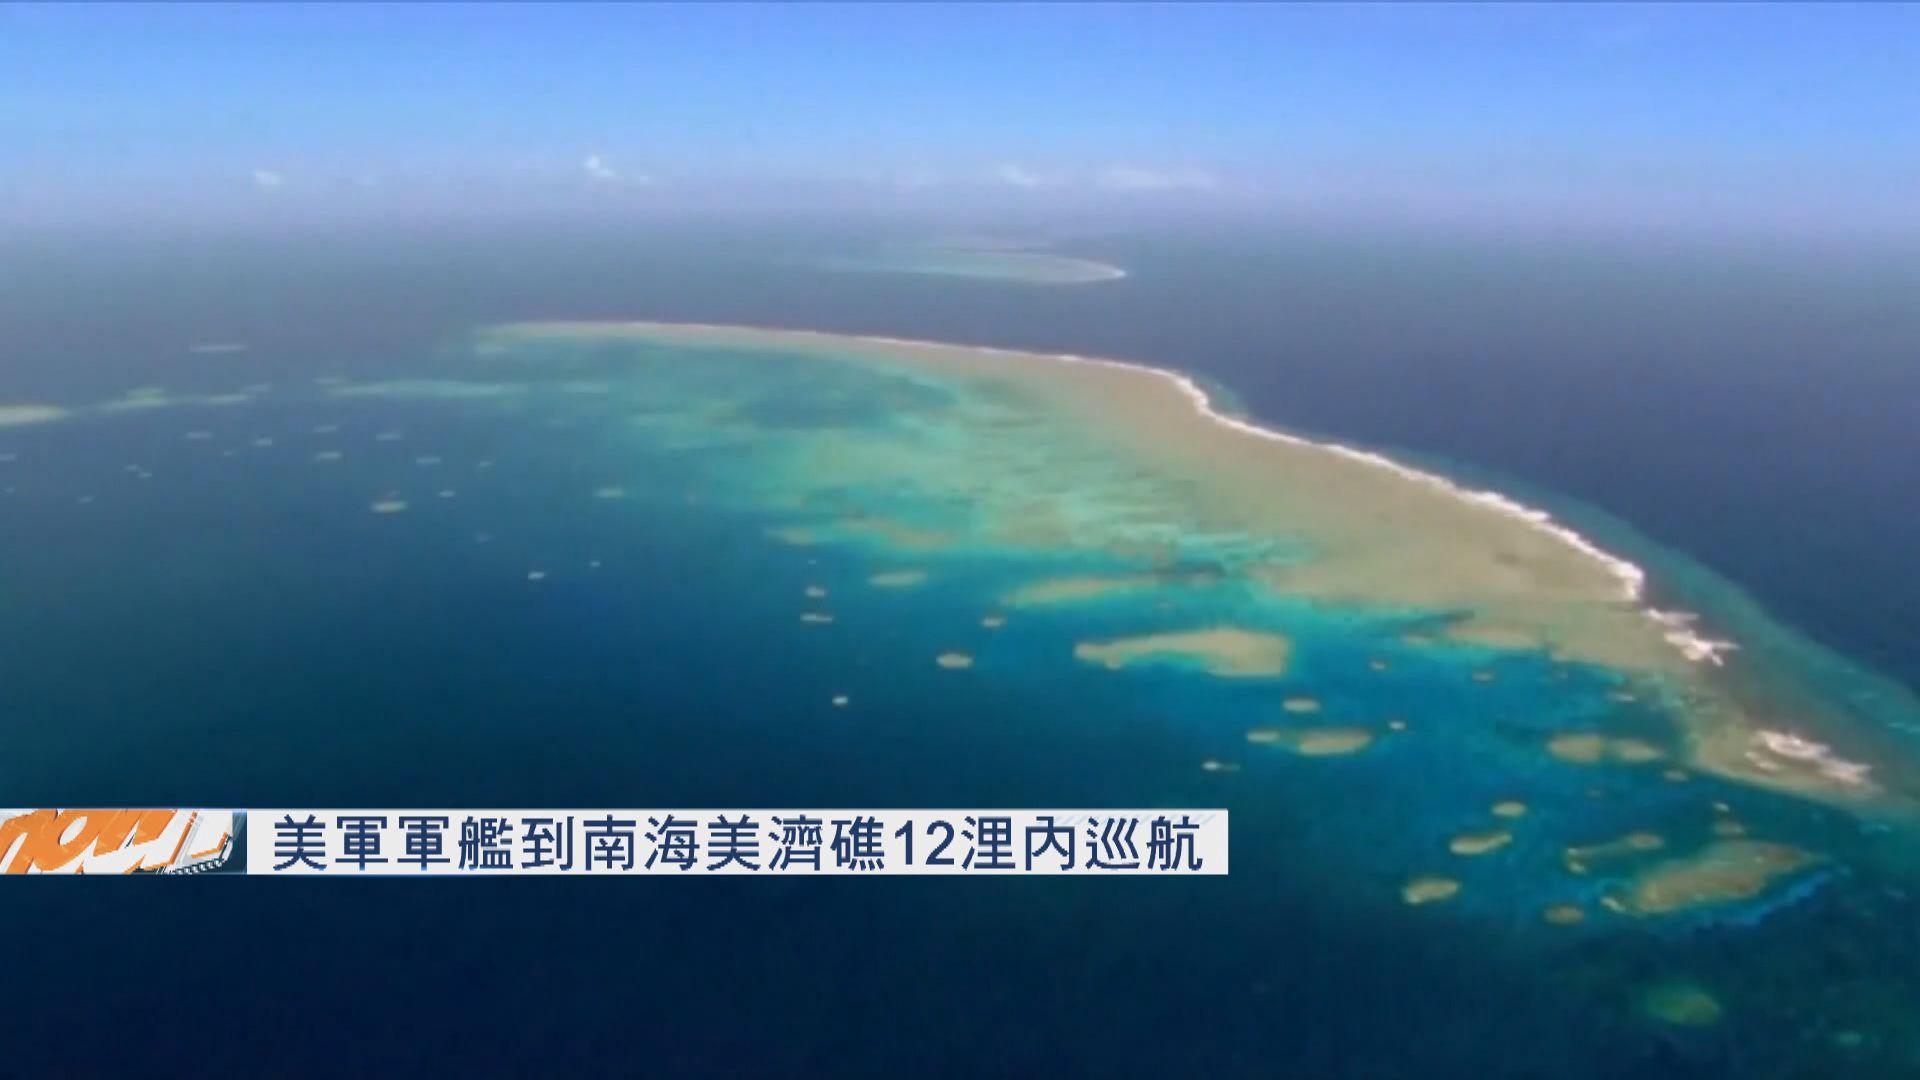 美軍軍艦到南海美濟礁12海里內巡航